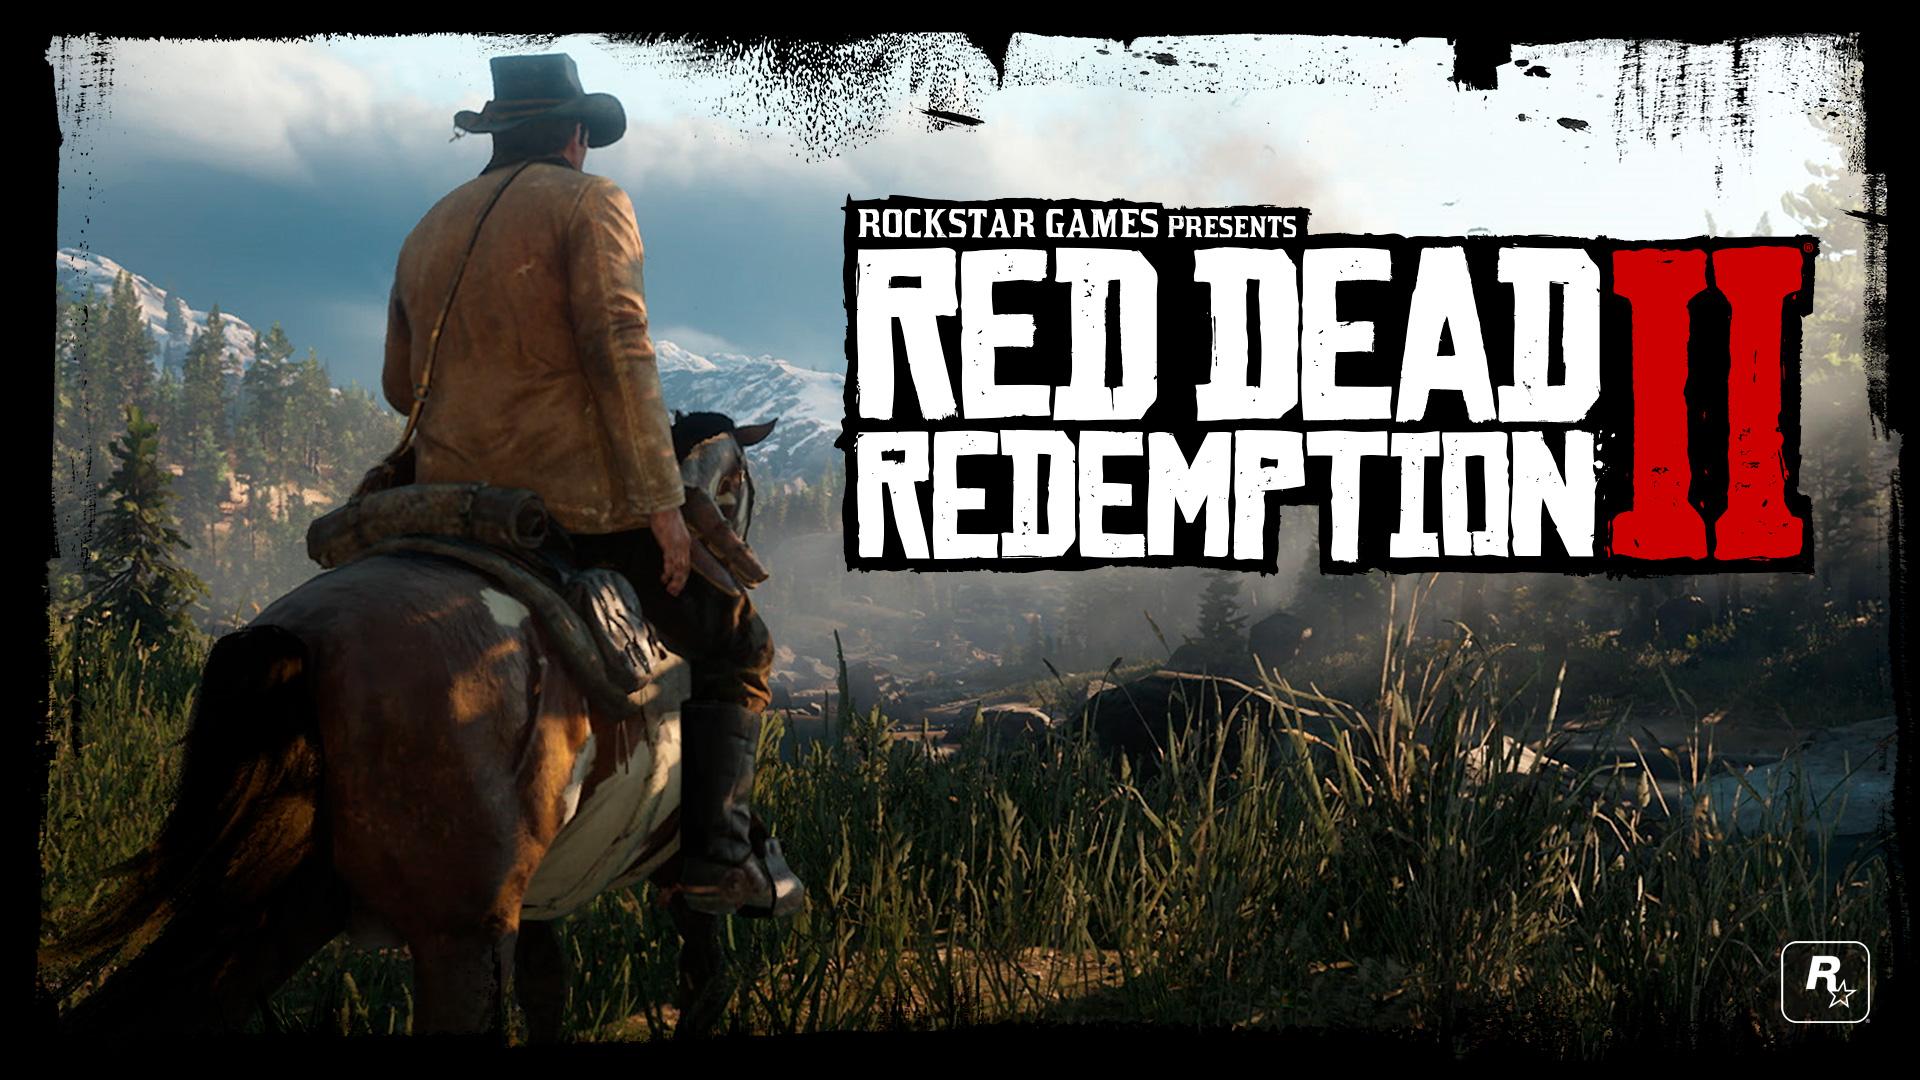 Red Dead Redemption 2: Video com história um pouco de GamePlay foi liberado!